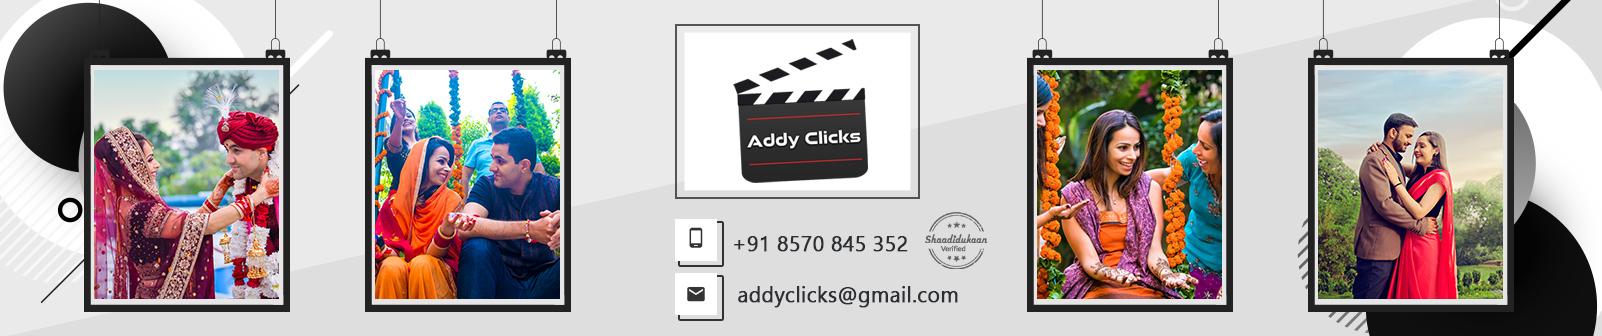 addy-clicks